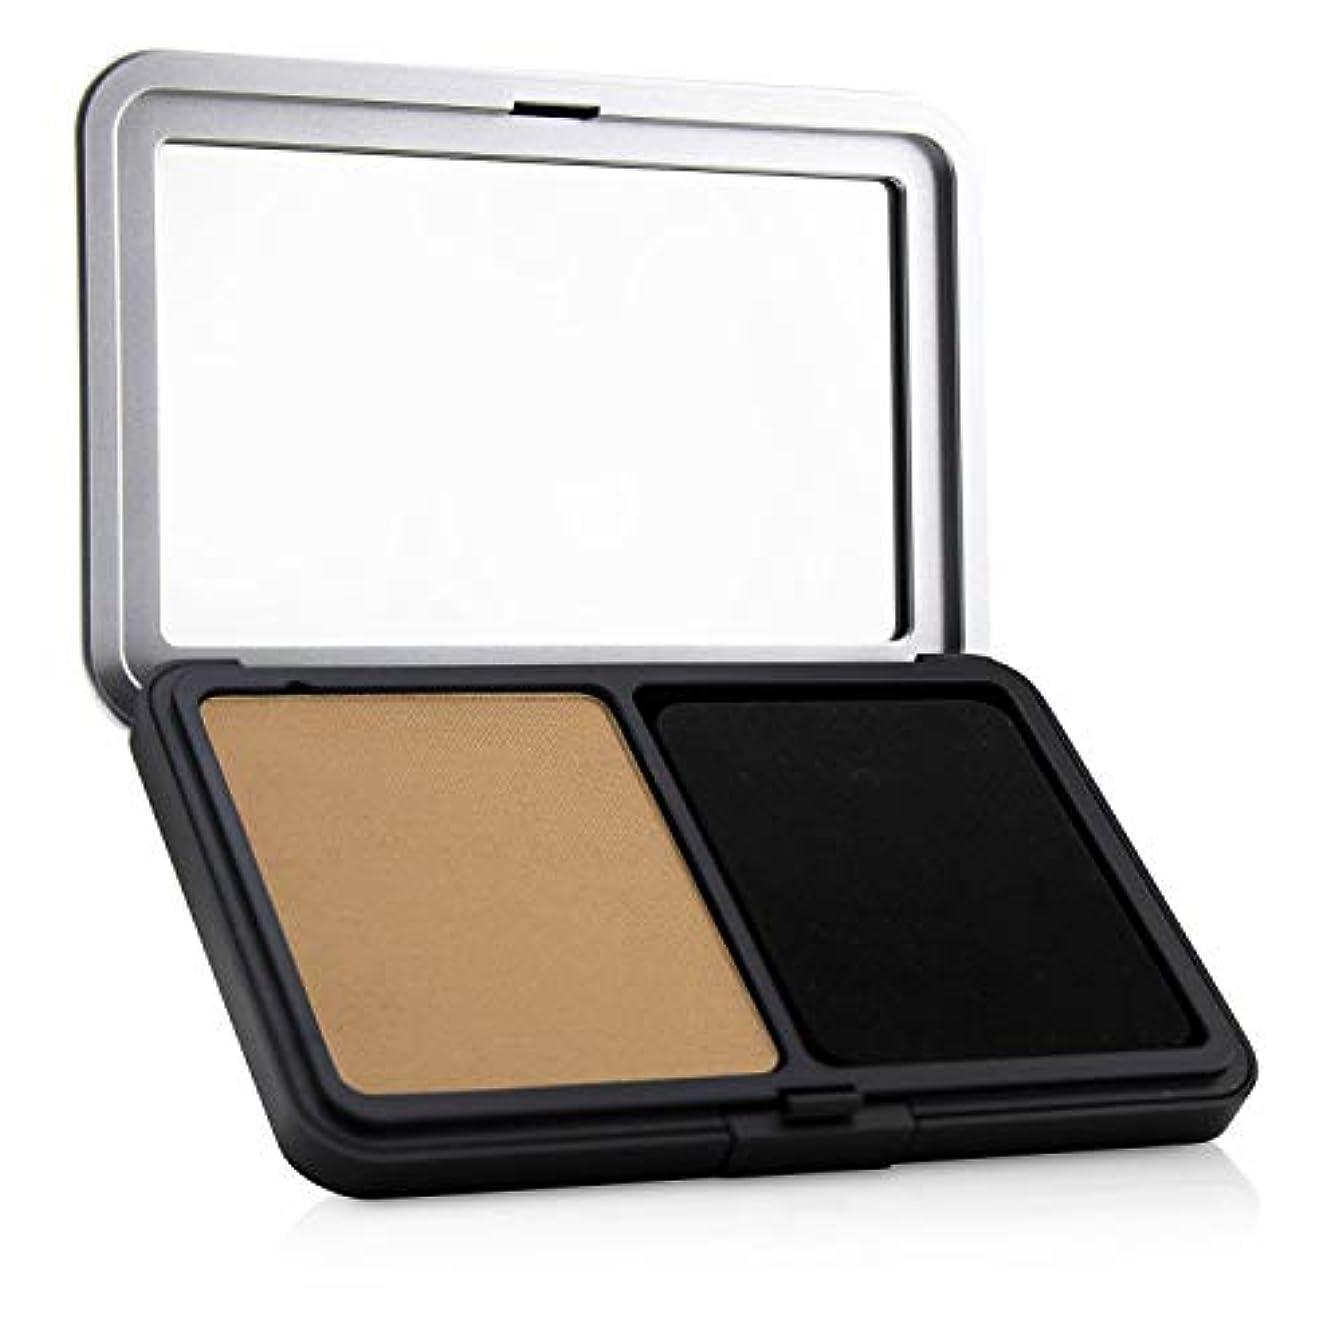 懲戒発疹無謀メイクアップフォーエバー Matte Velvet Skin Blurring Powder Foundation - # R370 (Medium Beige) 11g/0.38oz並行輸入品